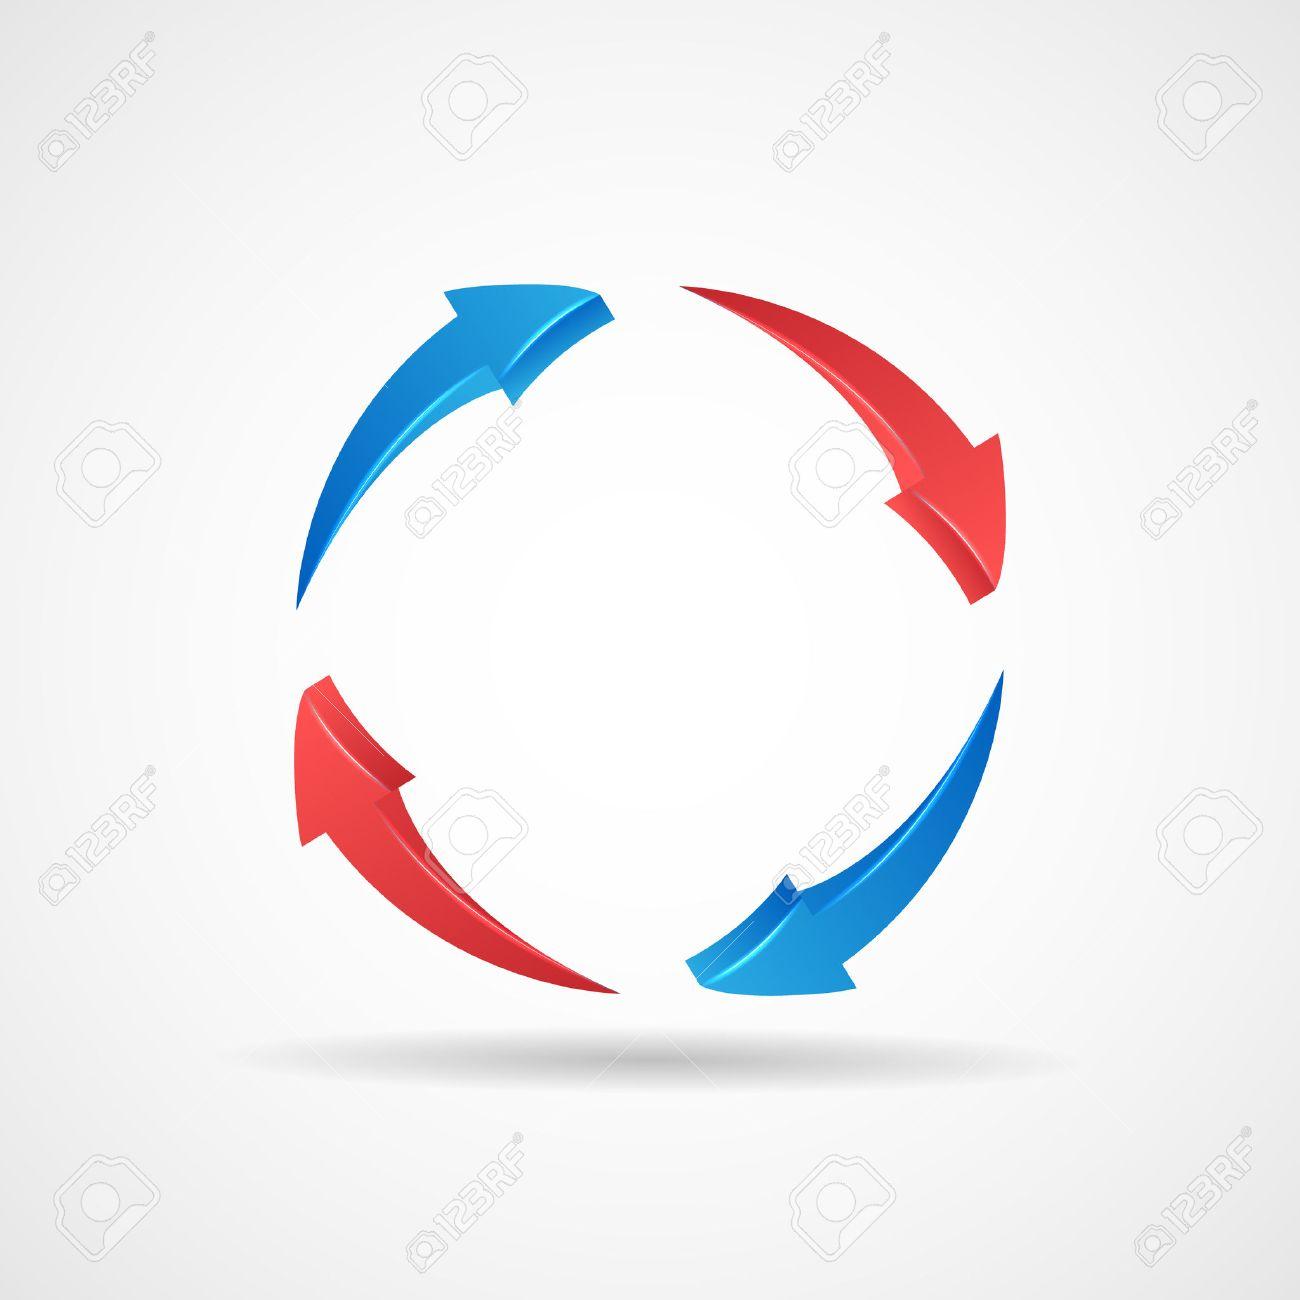 Bildergebnis für zyklus symbol